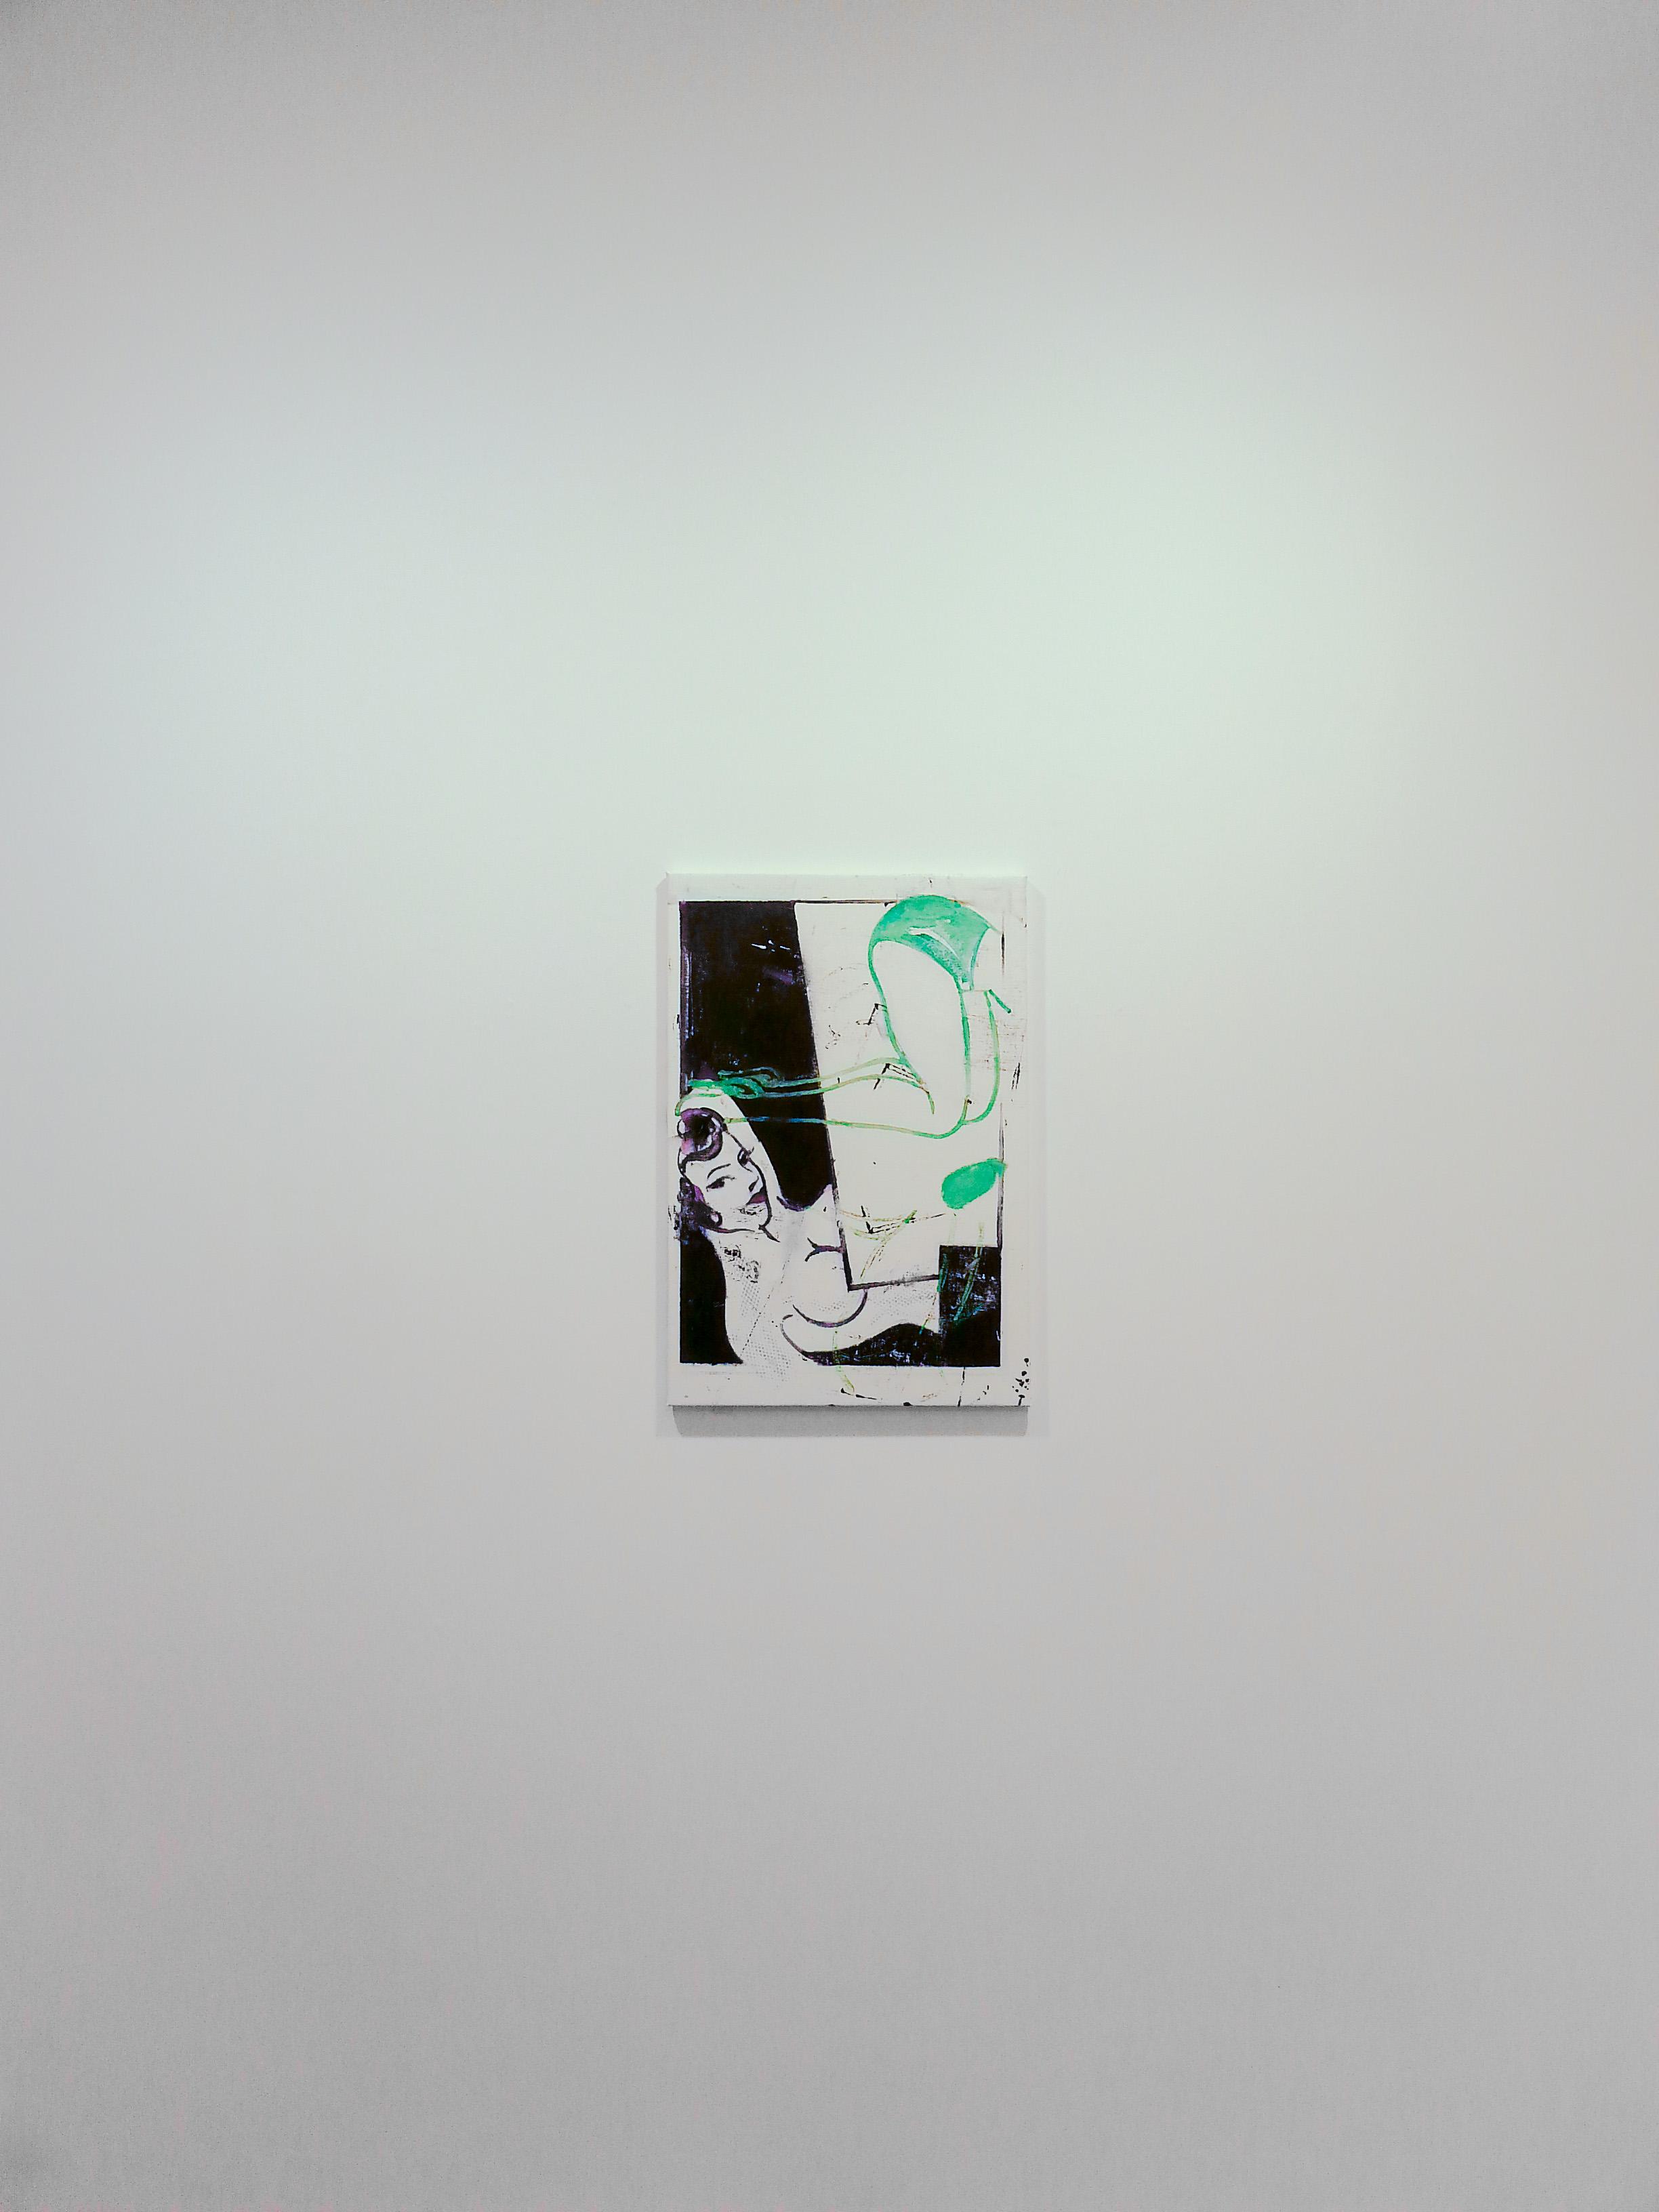 Razvan Boar, The modernist's gate, oil on canvas.